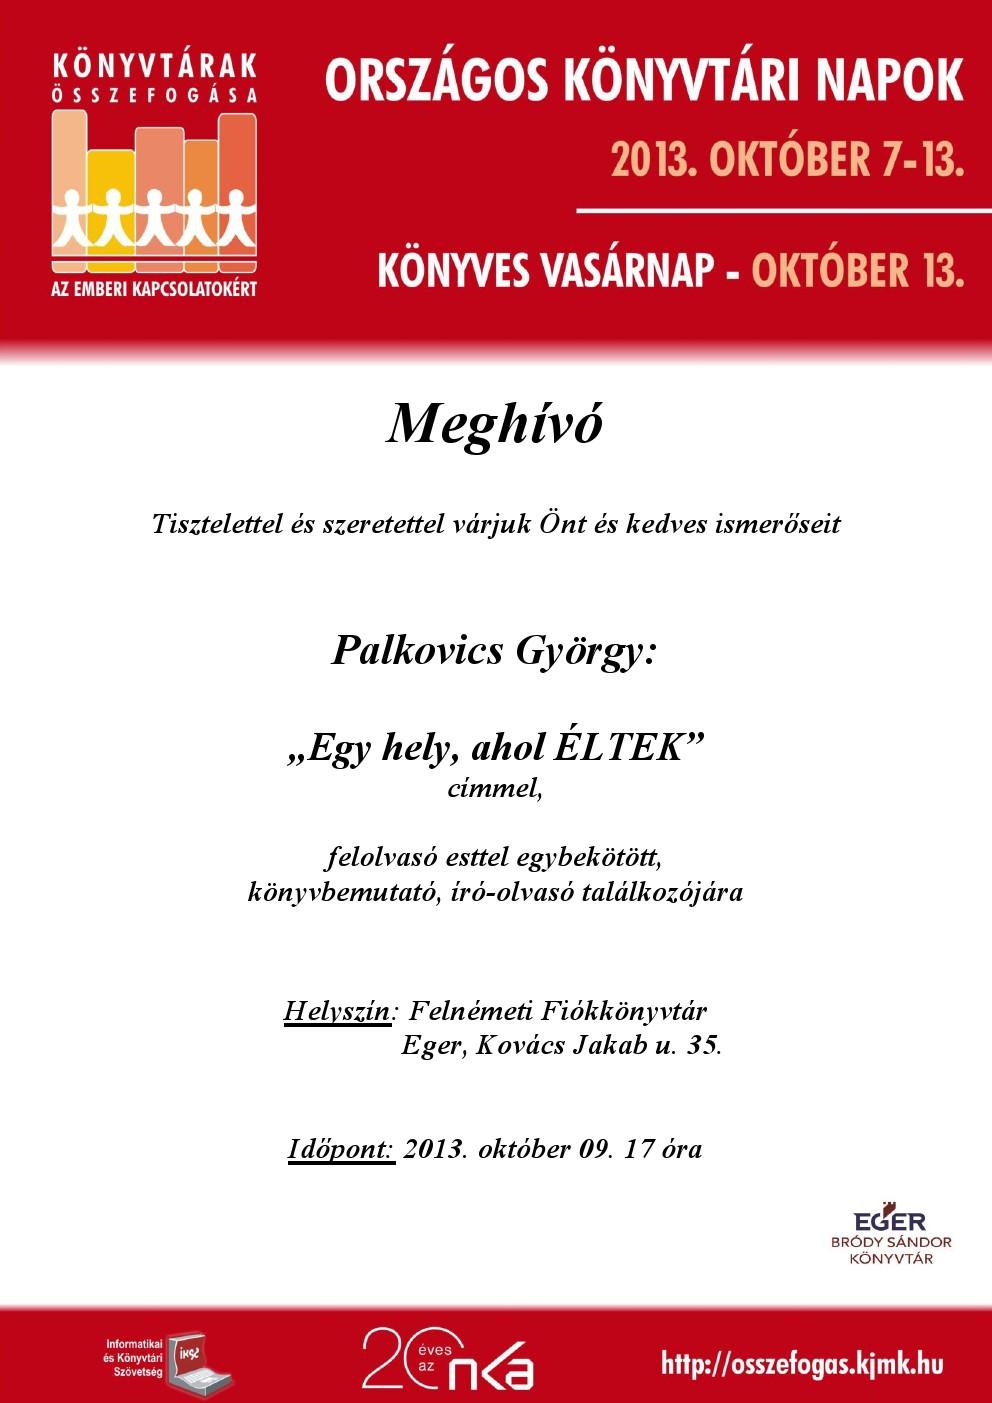 Palkovics_konyvbemutato.jpg